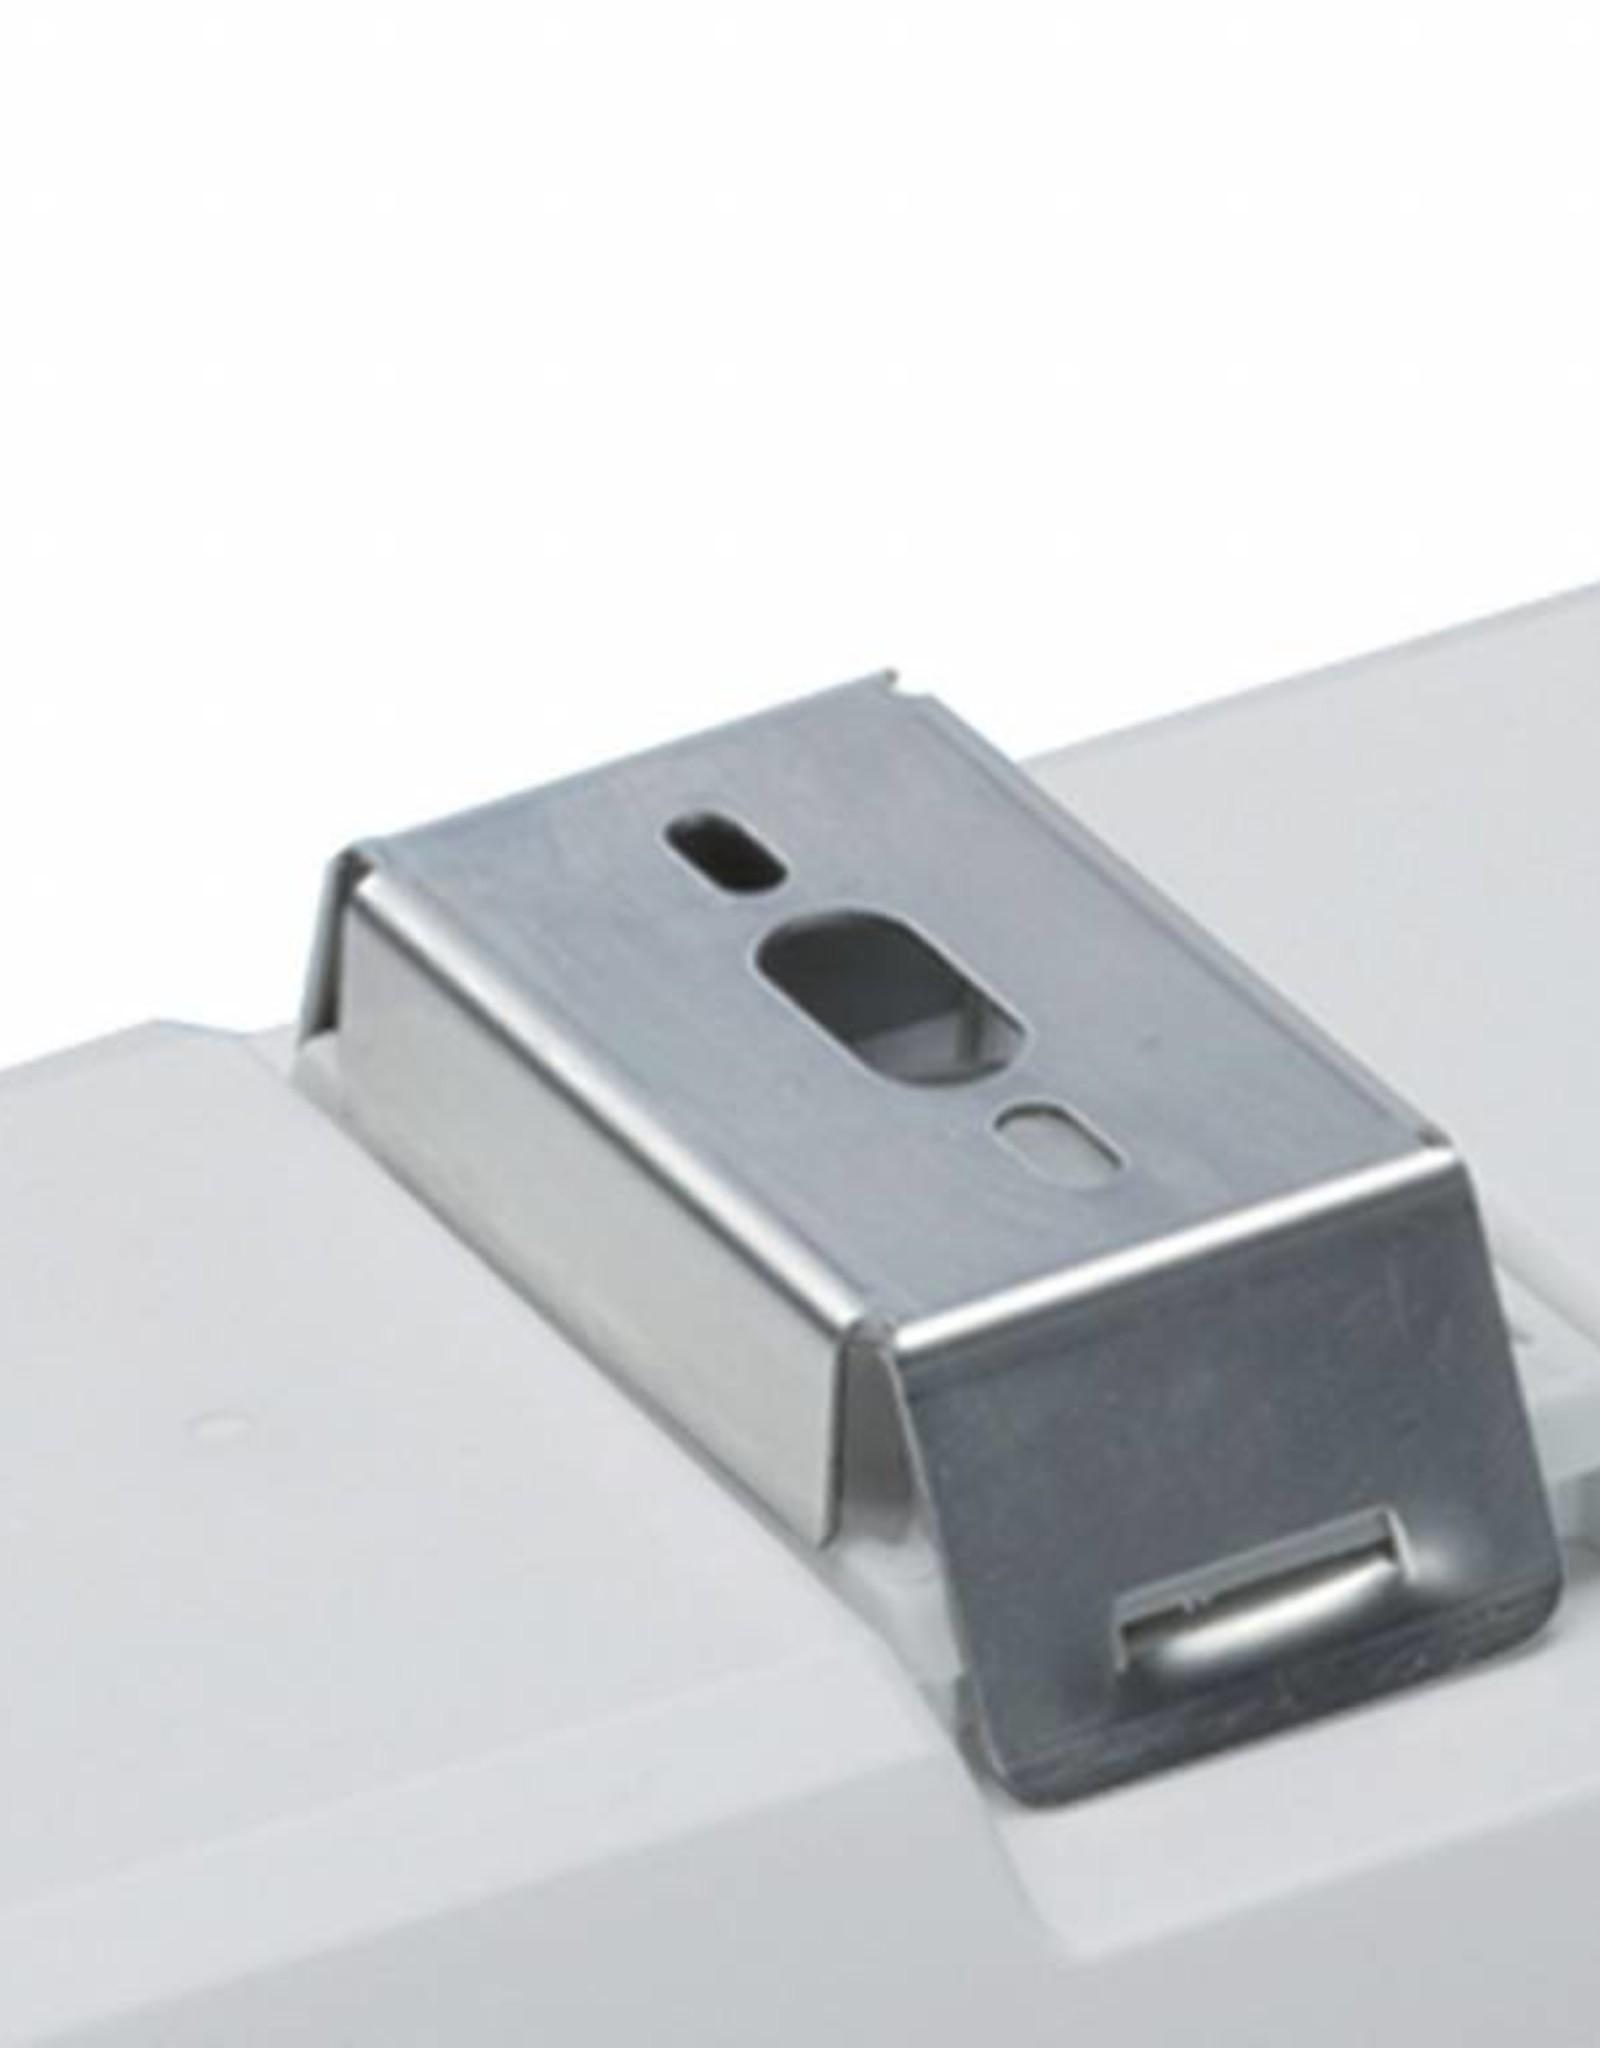 PRIMA FUTURA 2.5ft ABSc Al 11000/840 DALI